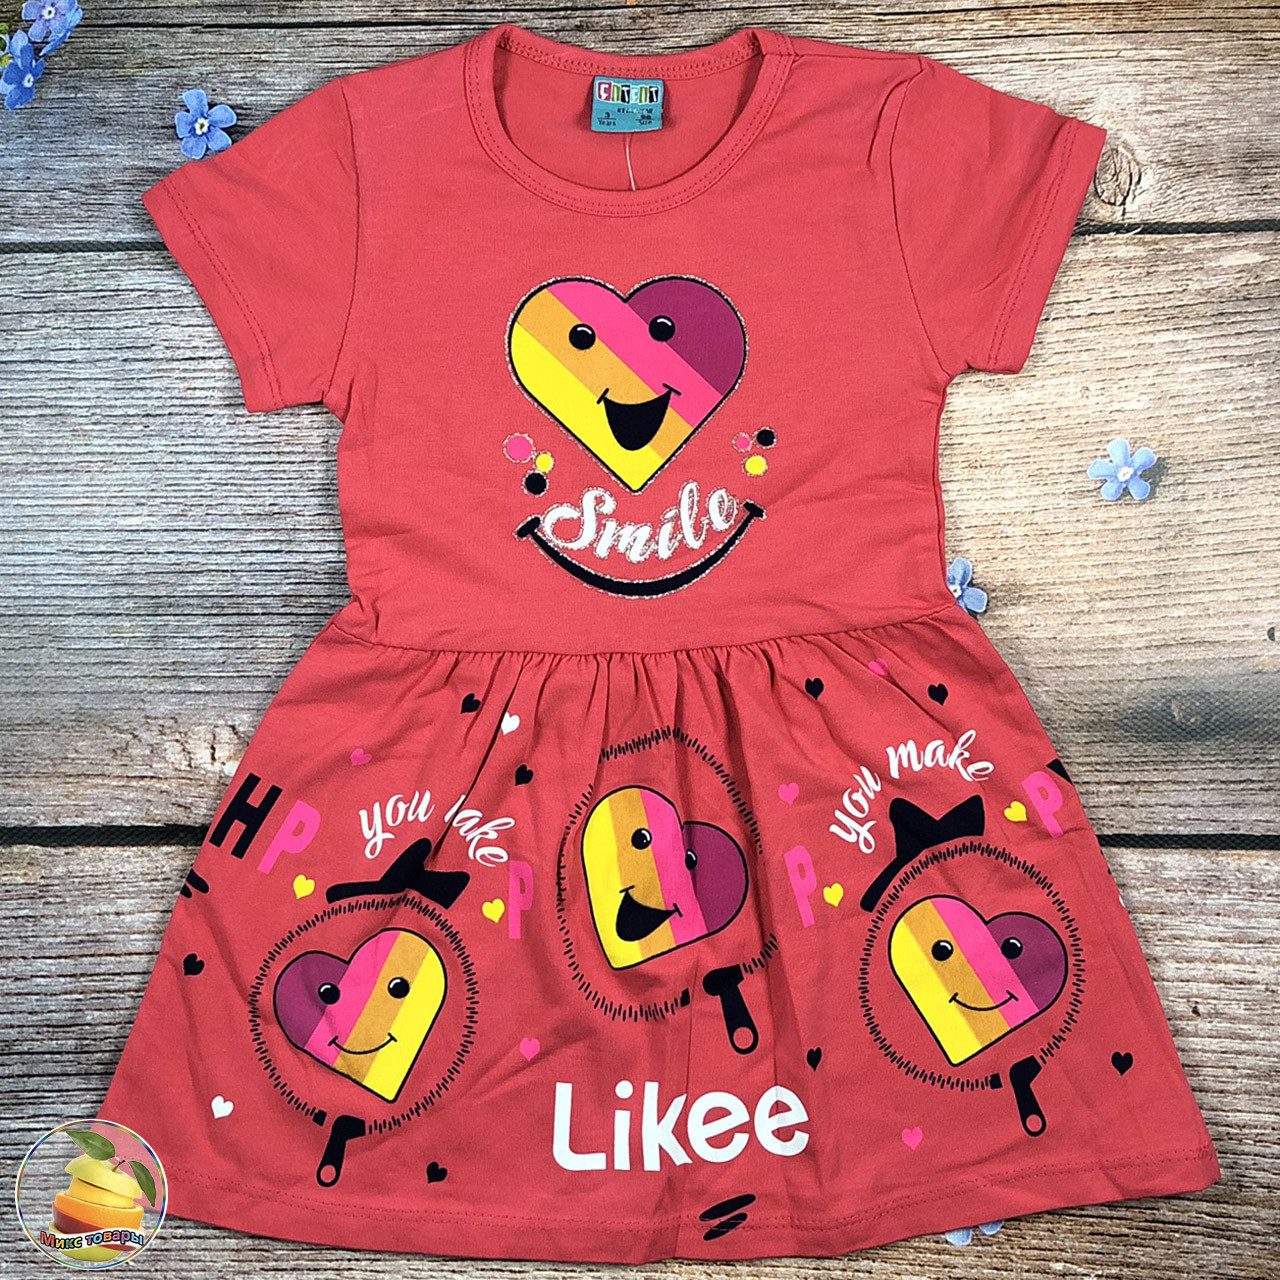 """Сукня з коротким рукавом """"Smile+ Likee"""" для дітей Розміри: 3,4,5,6 років (20378-2)"""